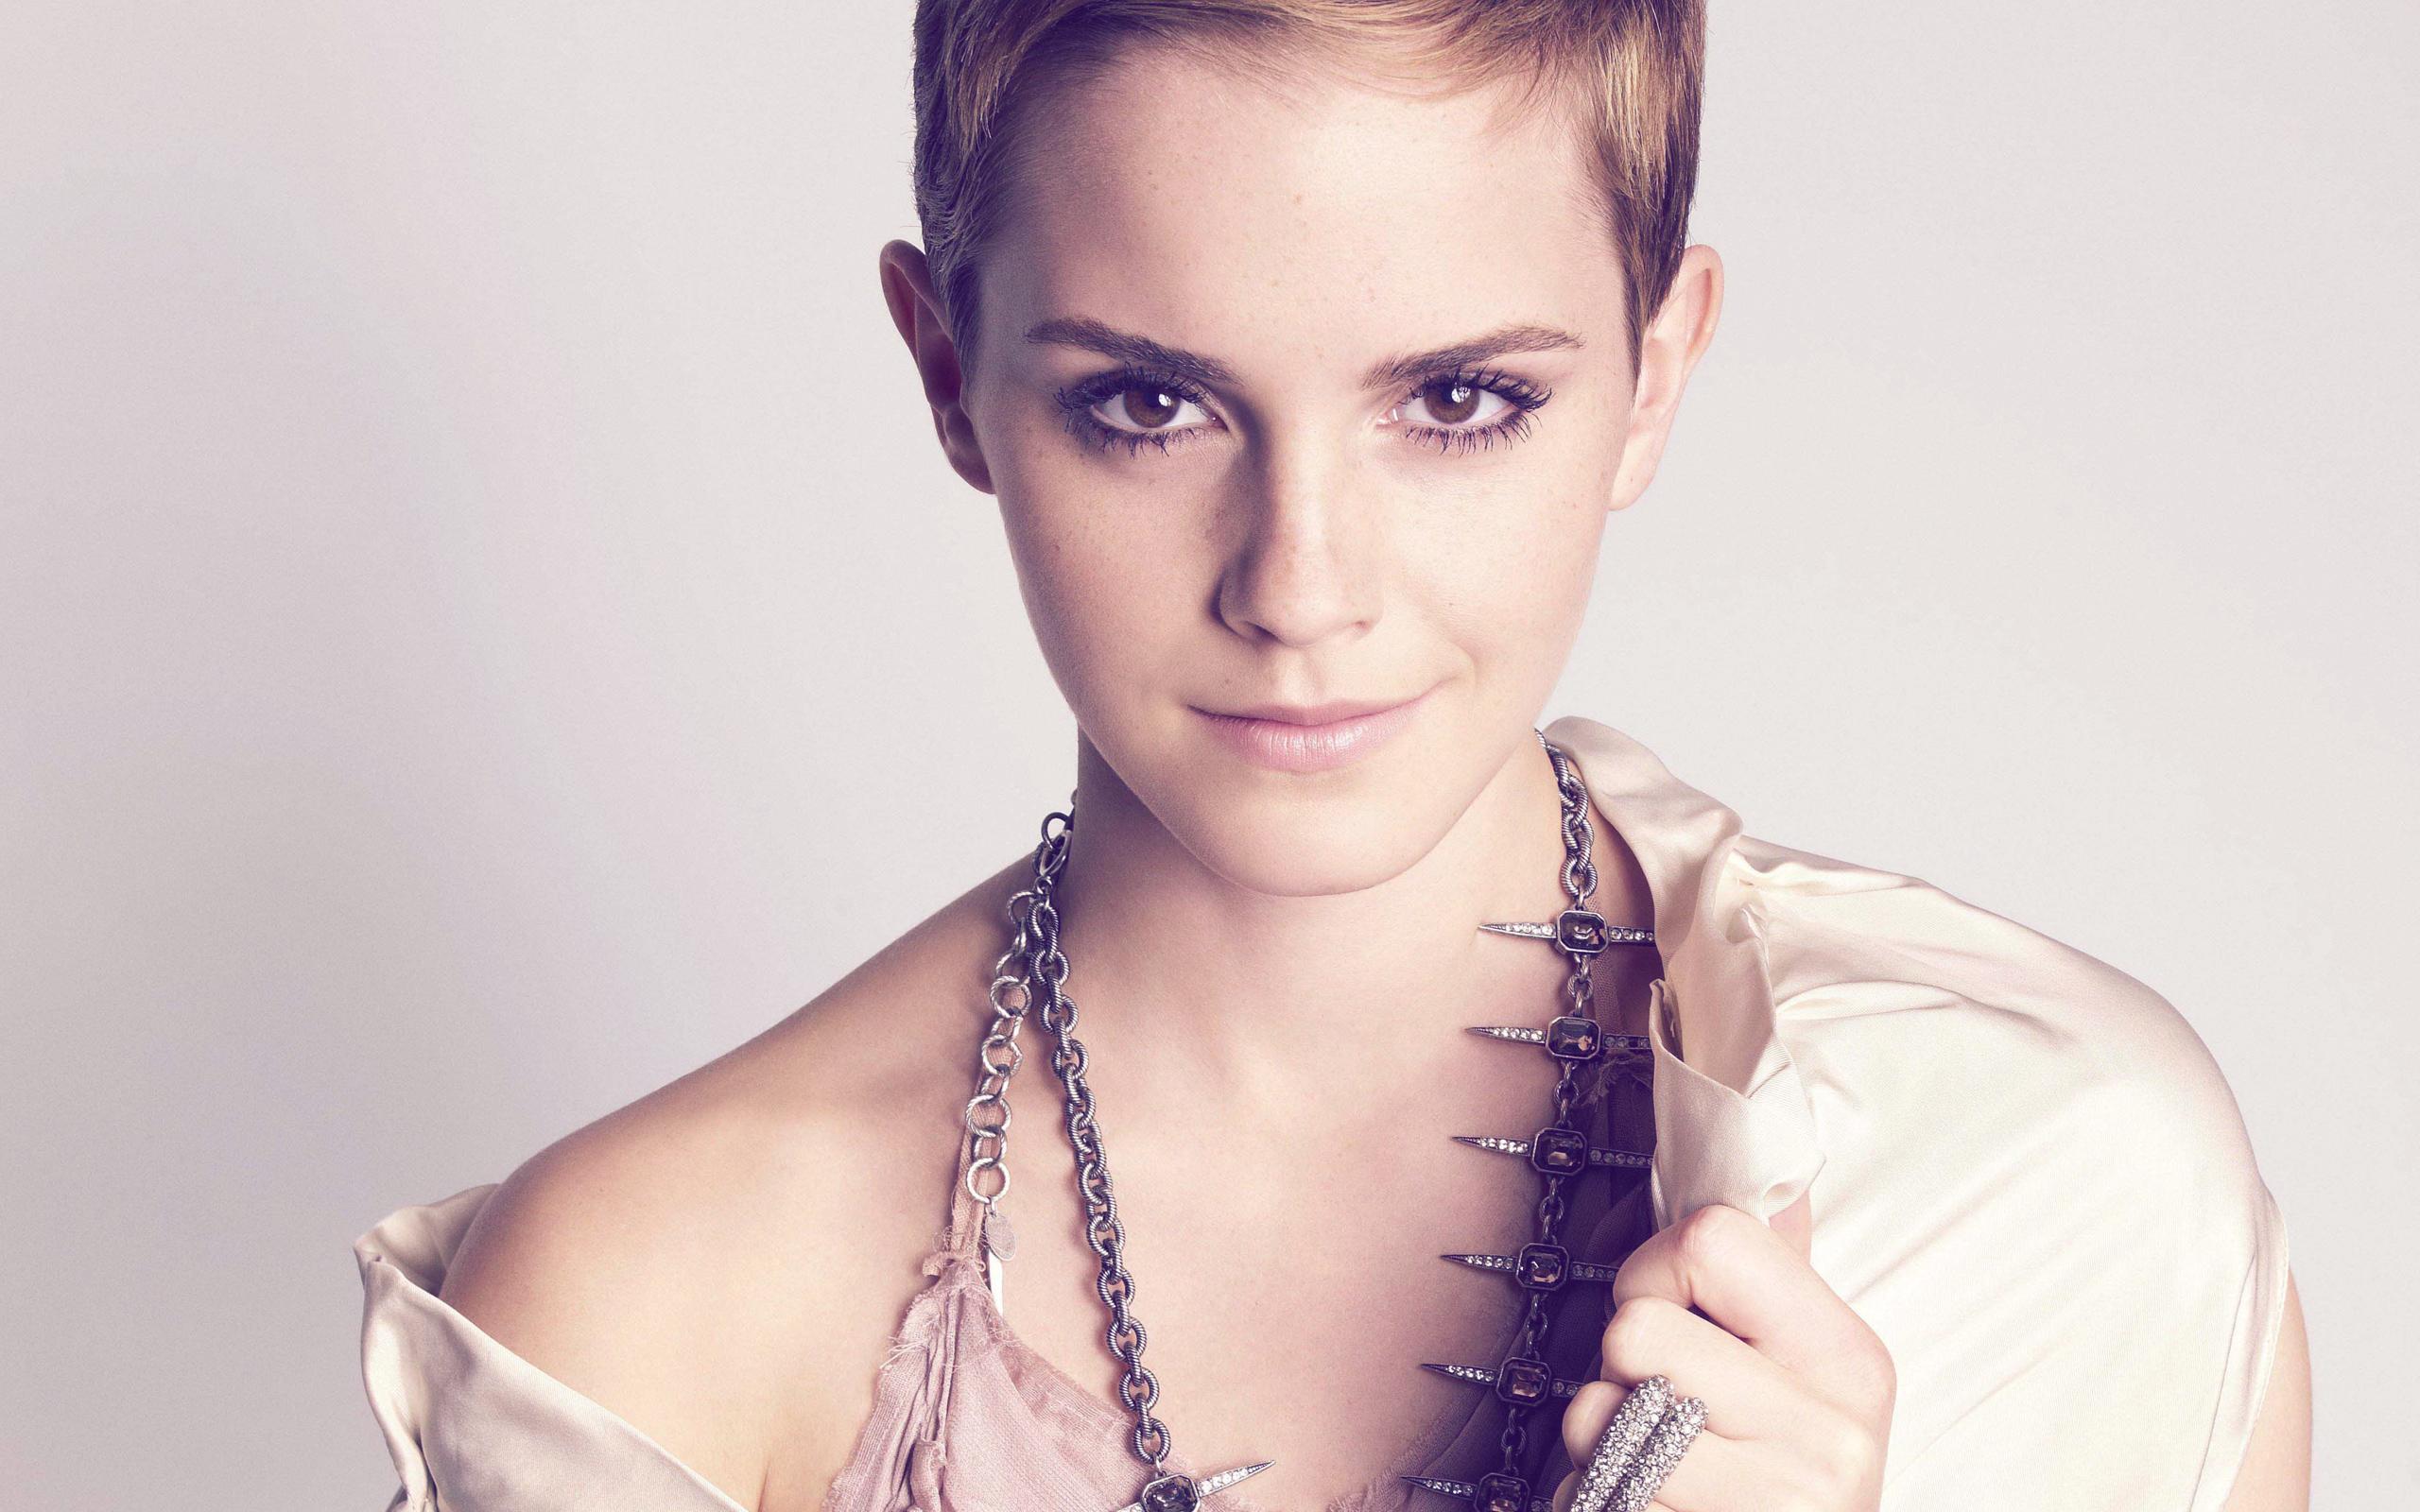 Emma Watson 2012 Wallpapers  HD Wallpapers